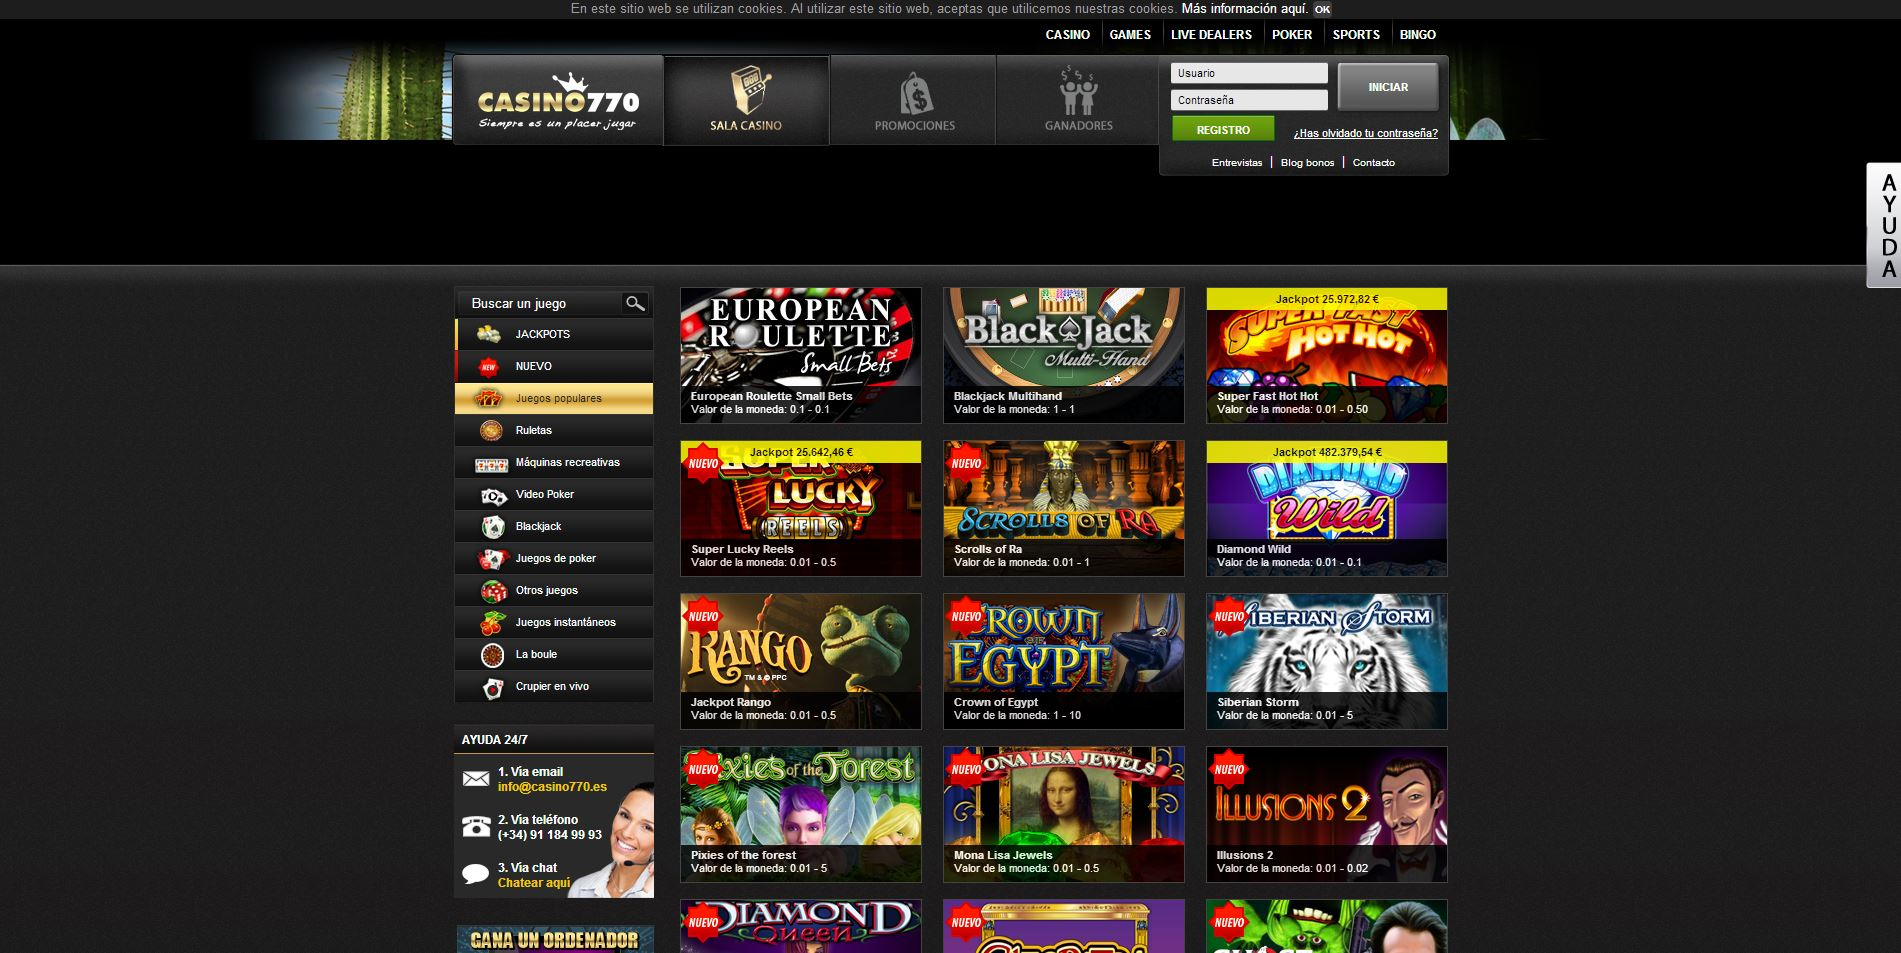 Casino juegos gratis 770 - 99076